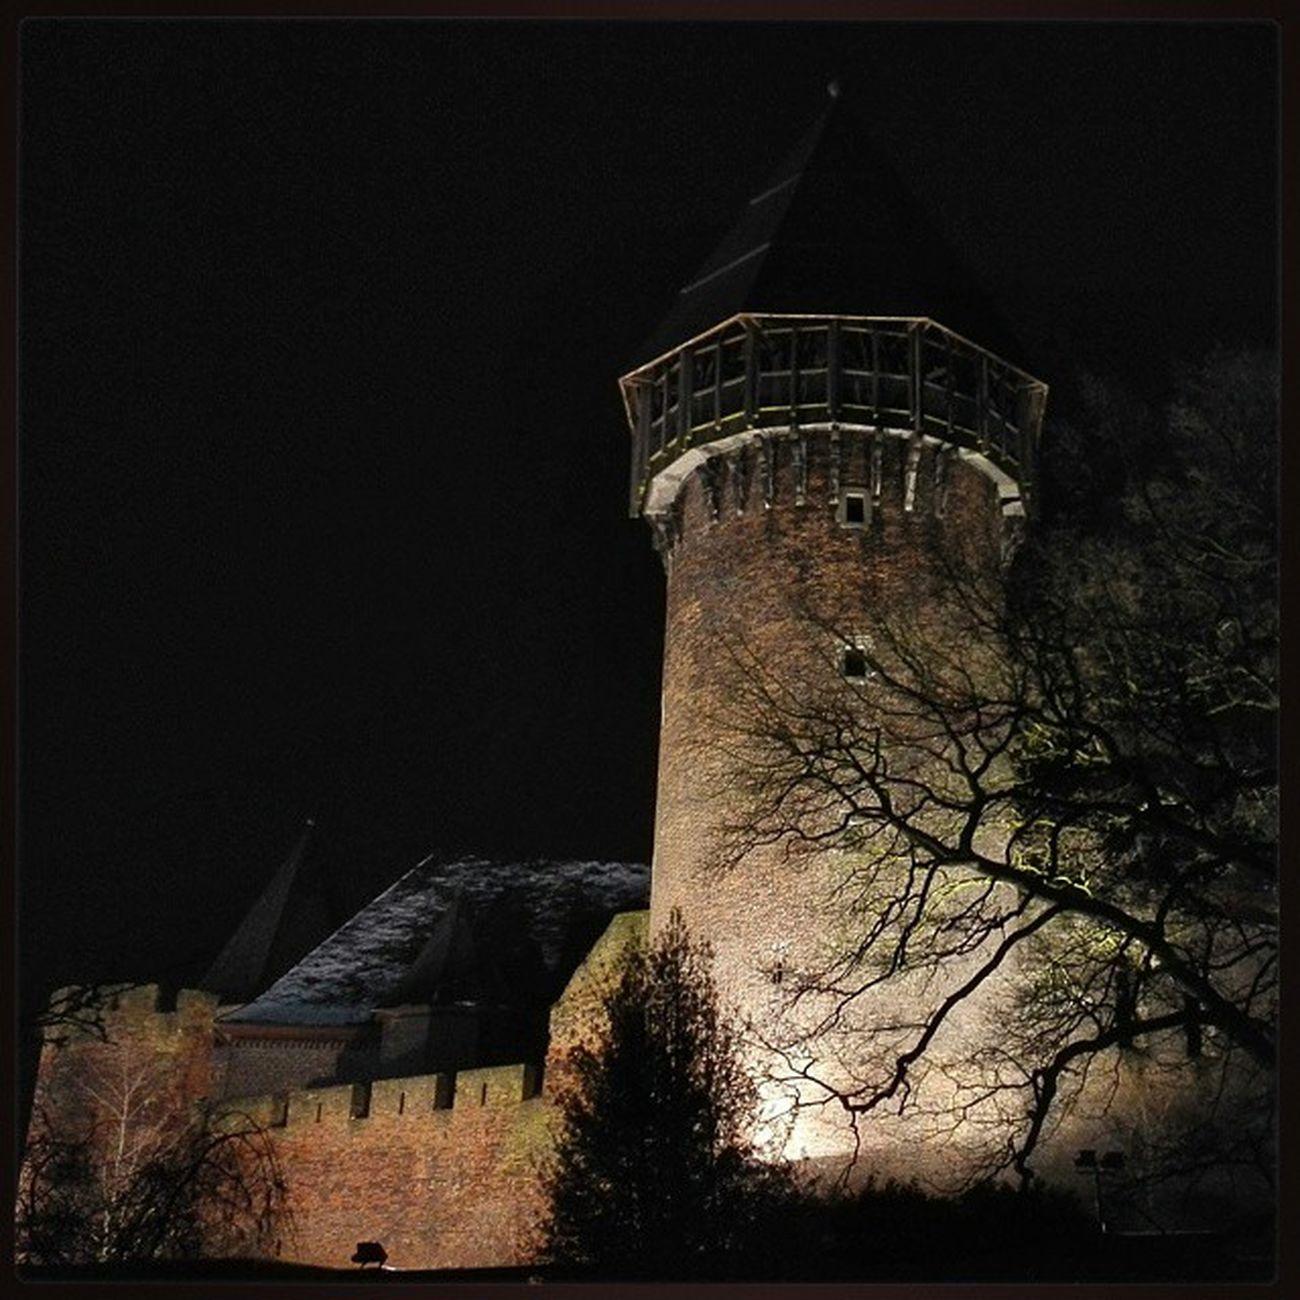 Burg Linn bei Nacht. BurgLinn LinnerBurg Krefeld Linn Burg Nacht